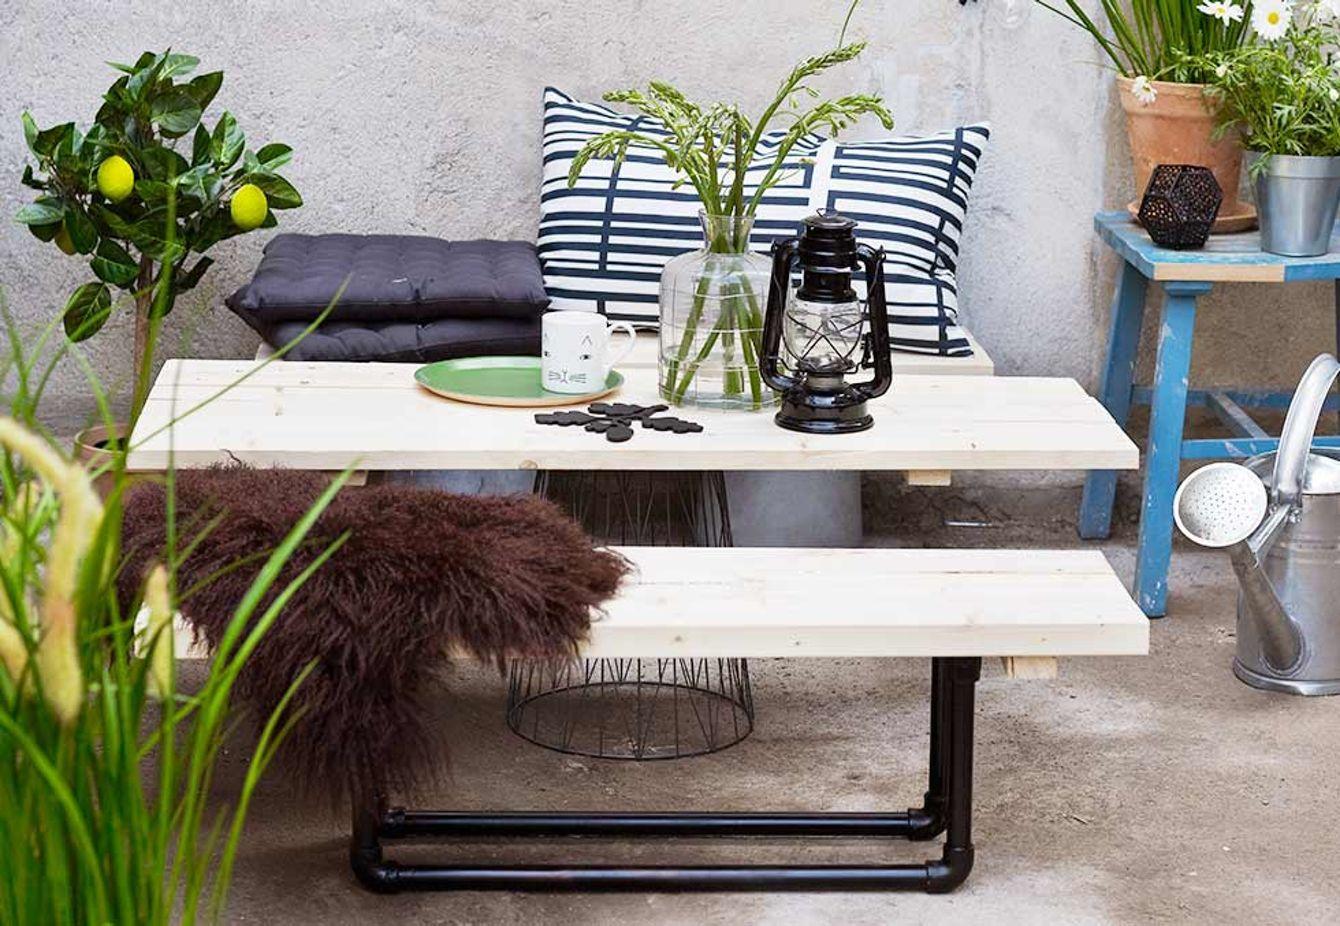 Lag dine egne utemøbler | Boligpluss.no